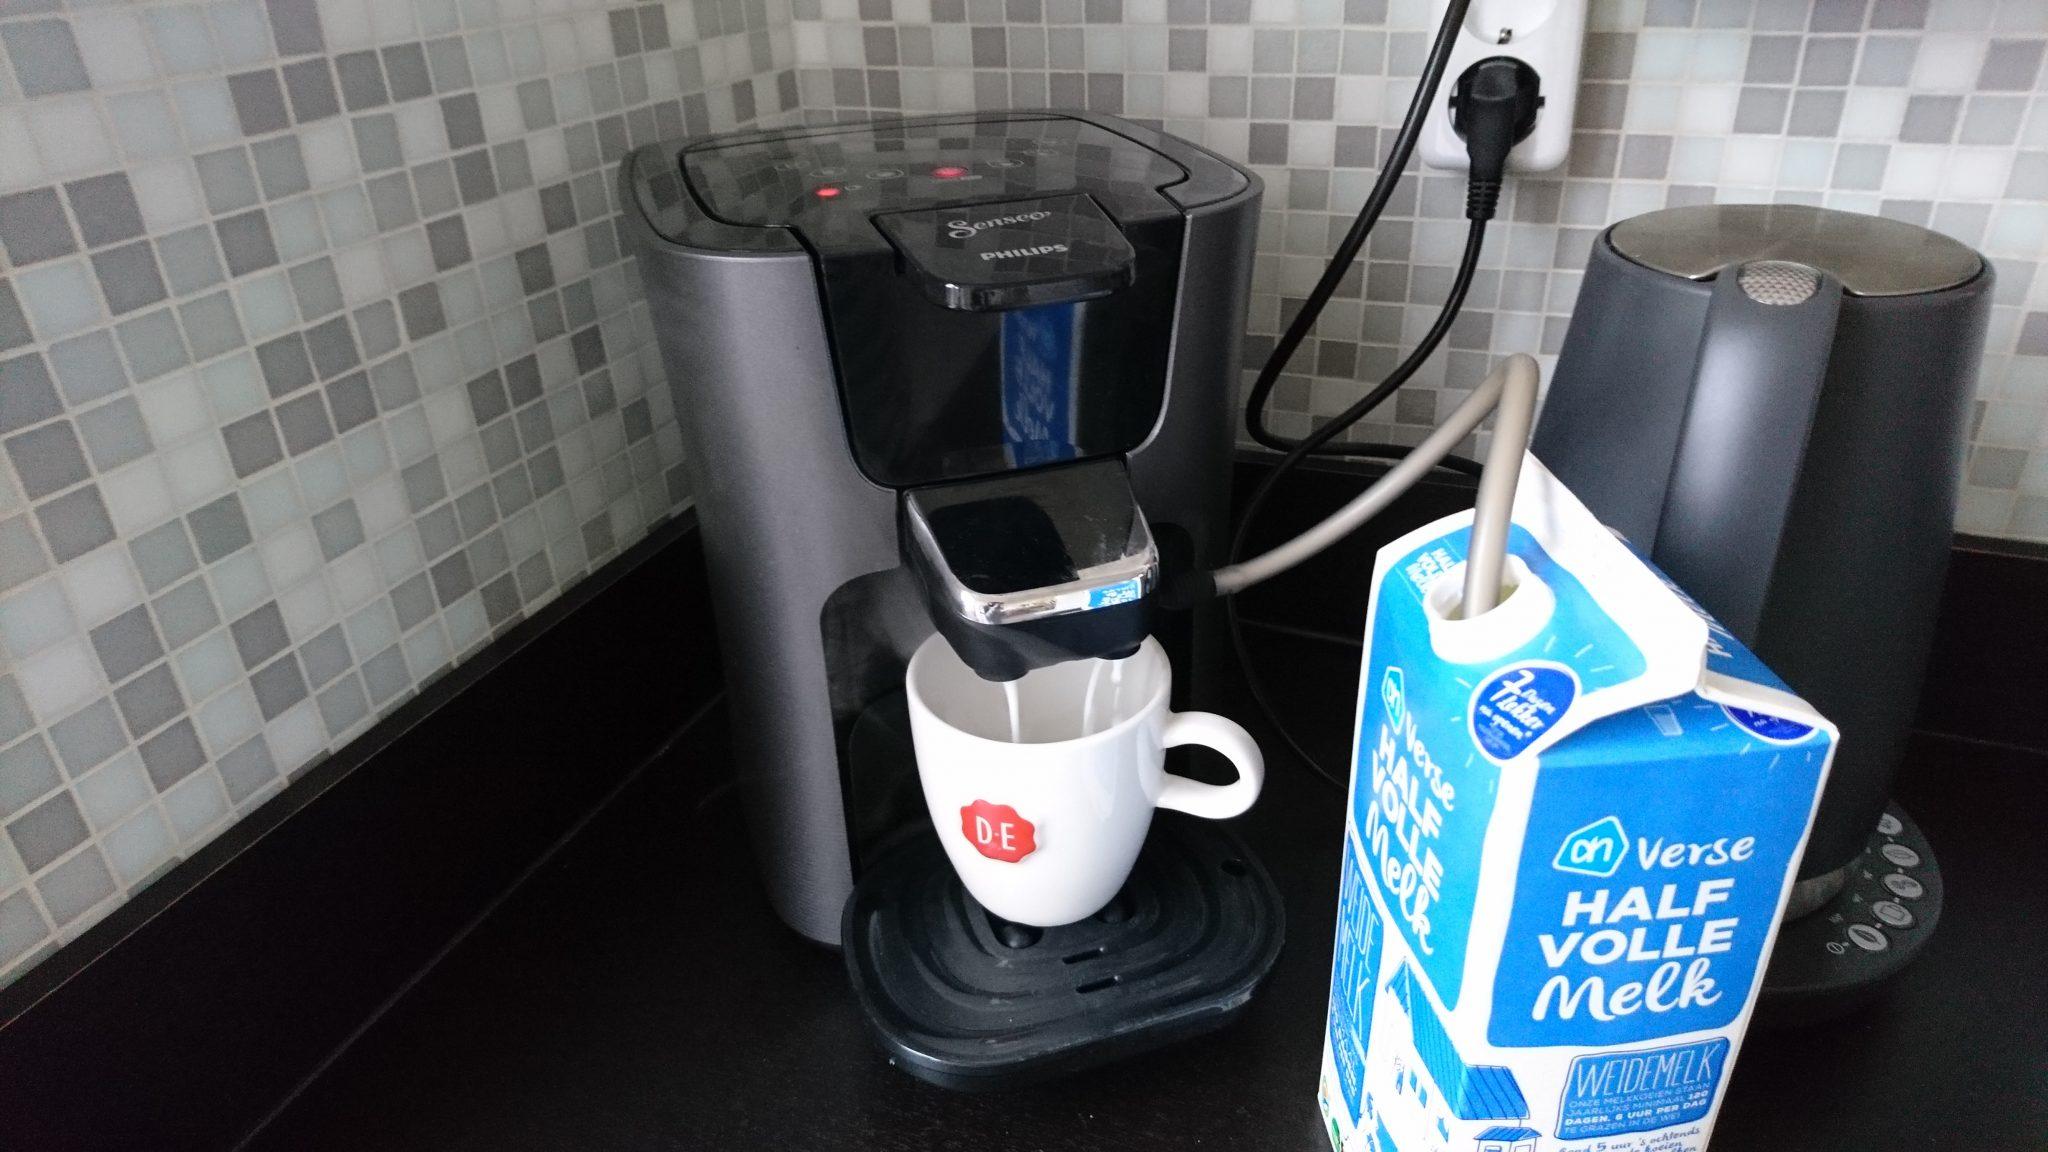 Ik kan niet zonder koffie